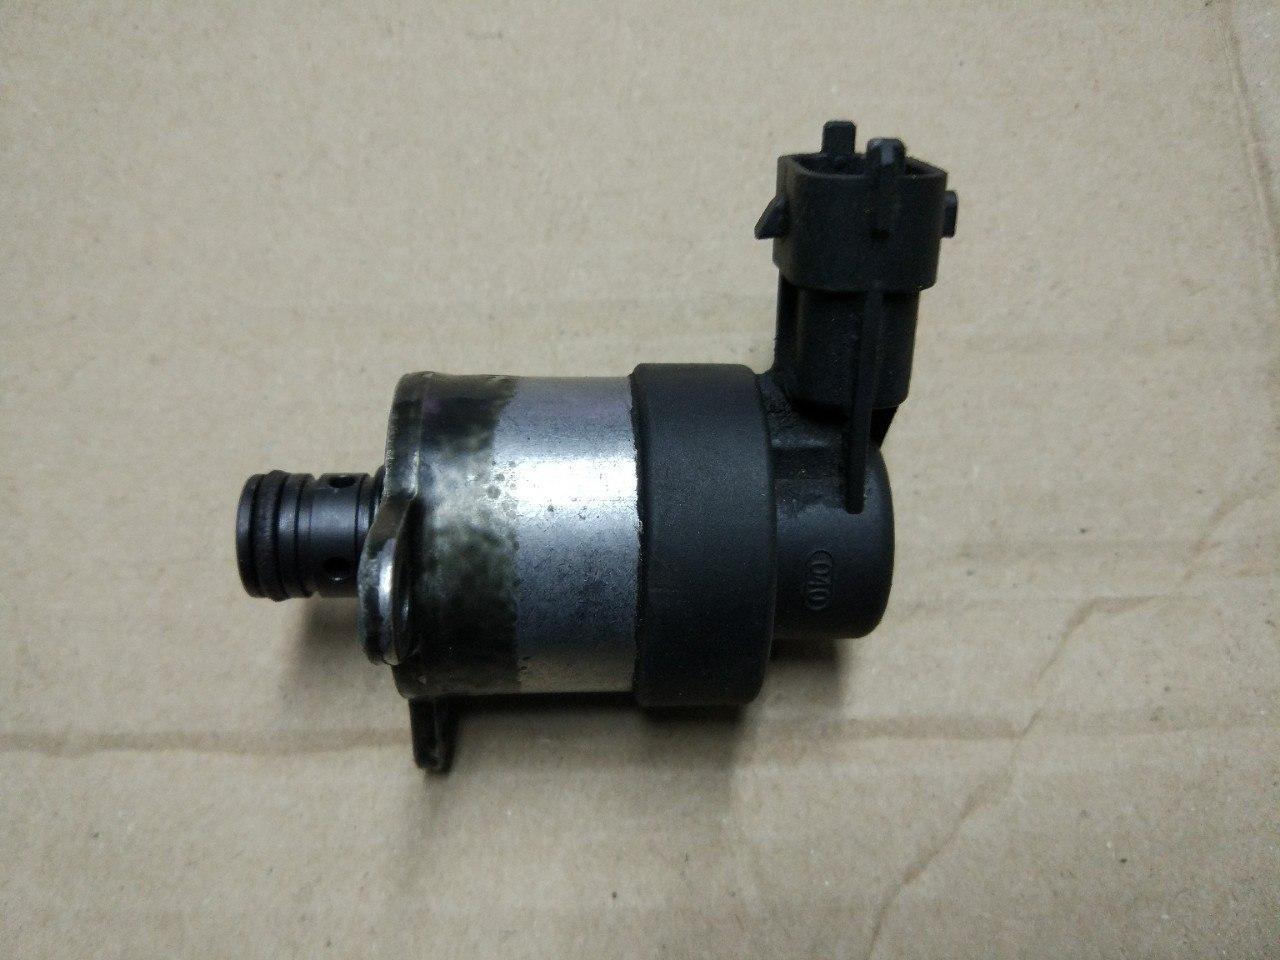 Клапан тиску палива (на ТНВД) Renault Trafic, Opel Vivaro 2.0, 2006-2013, 0928400769 (Б/У)